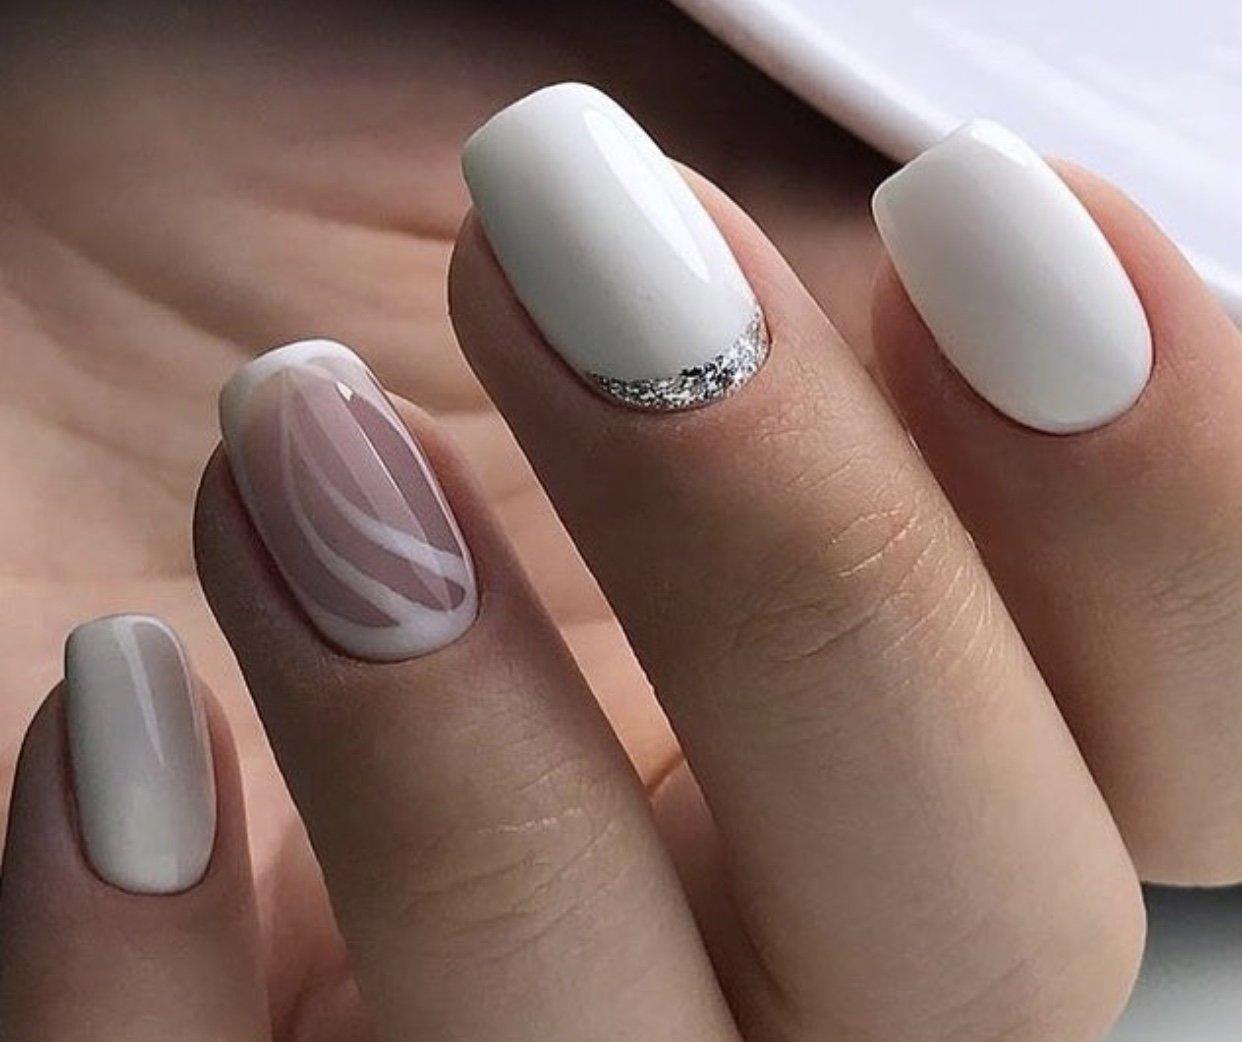 трансформации, офисный маникюр на короткие ногти фото бочкарева недавно преобразилась